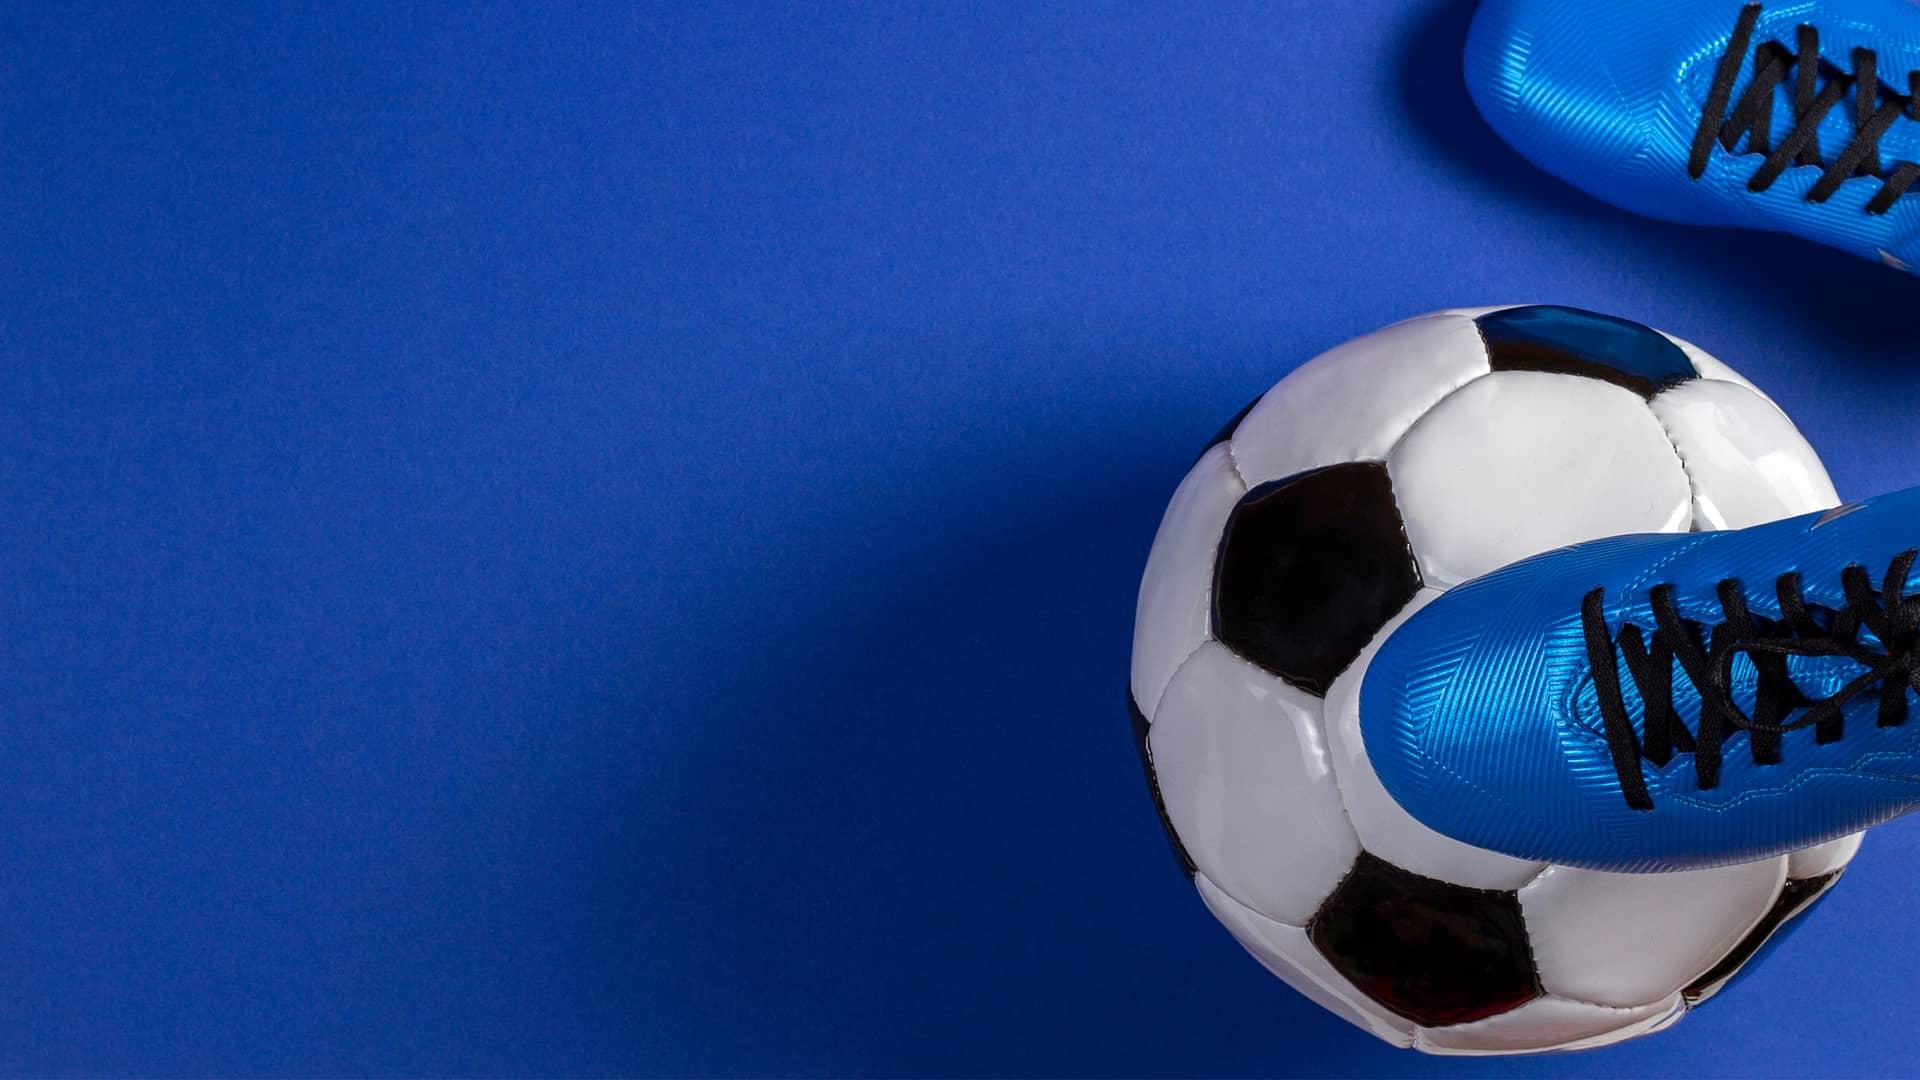 ▷Fútbol Movistar: La Liga y Liga de Campeones